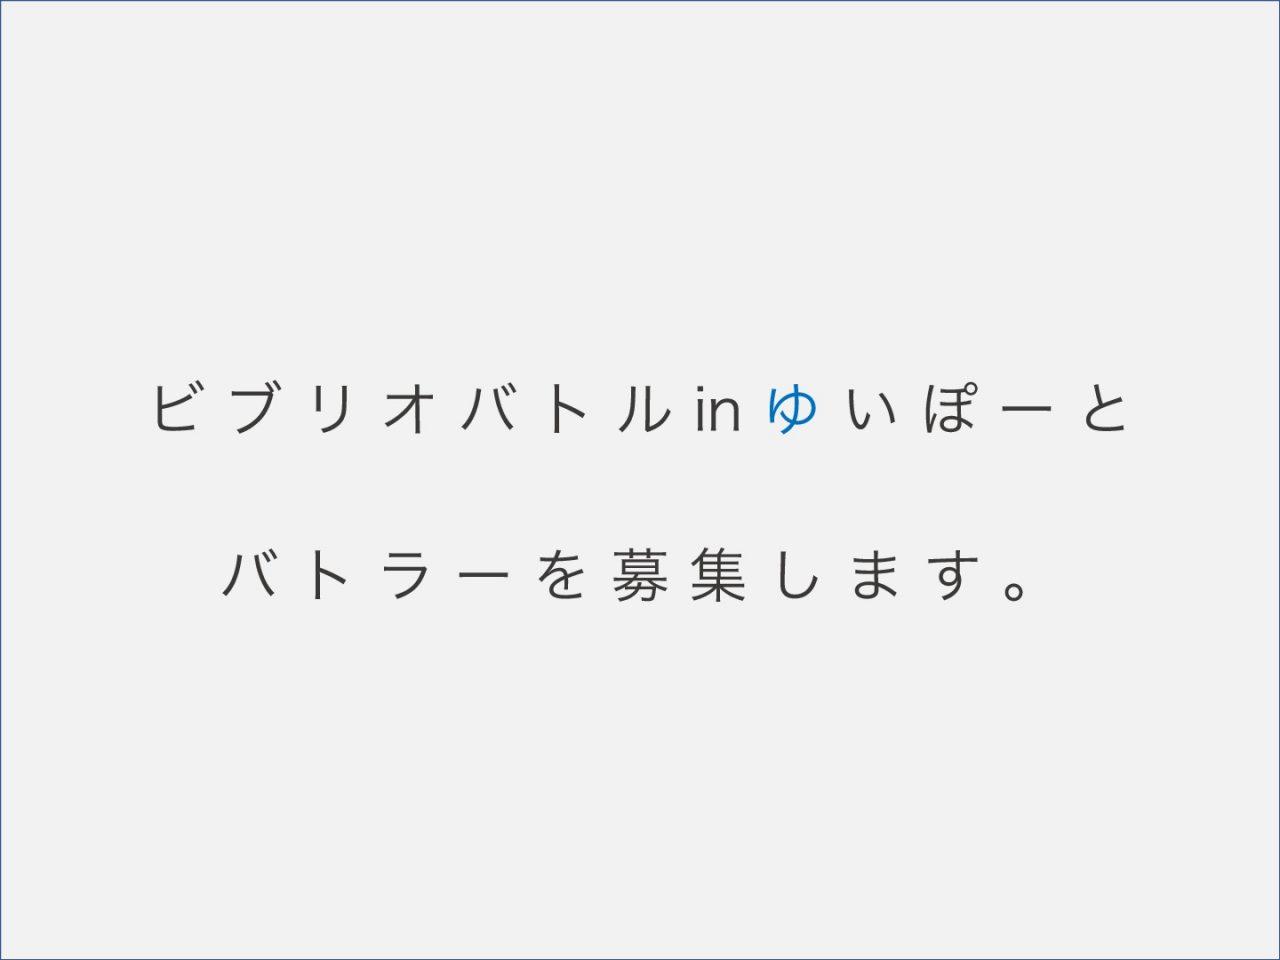 メイン写真:【バトラー(発表者)募集】ビブリオバトル in ゆいぽーと